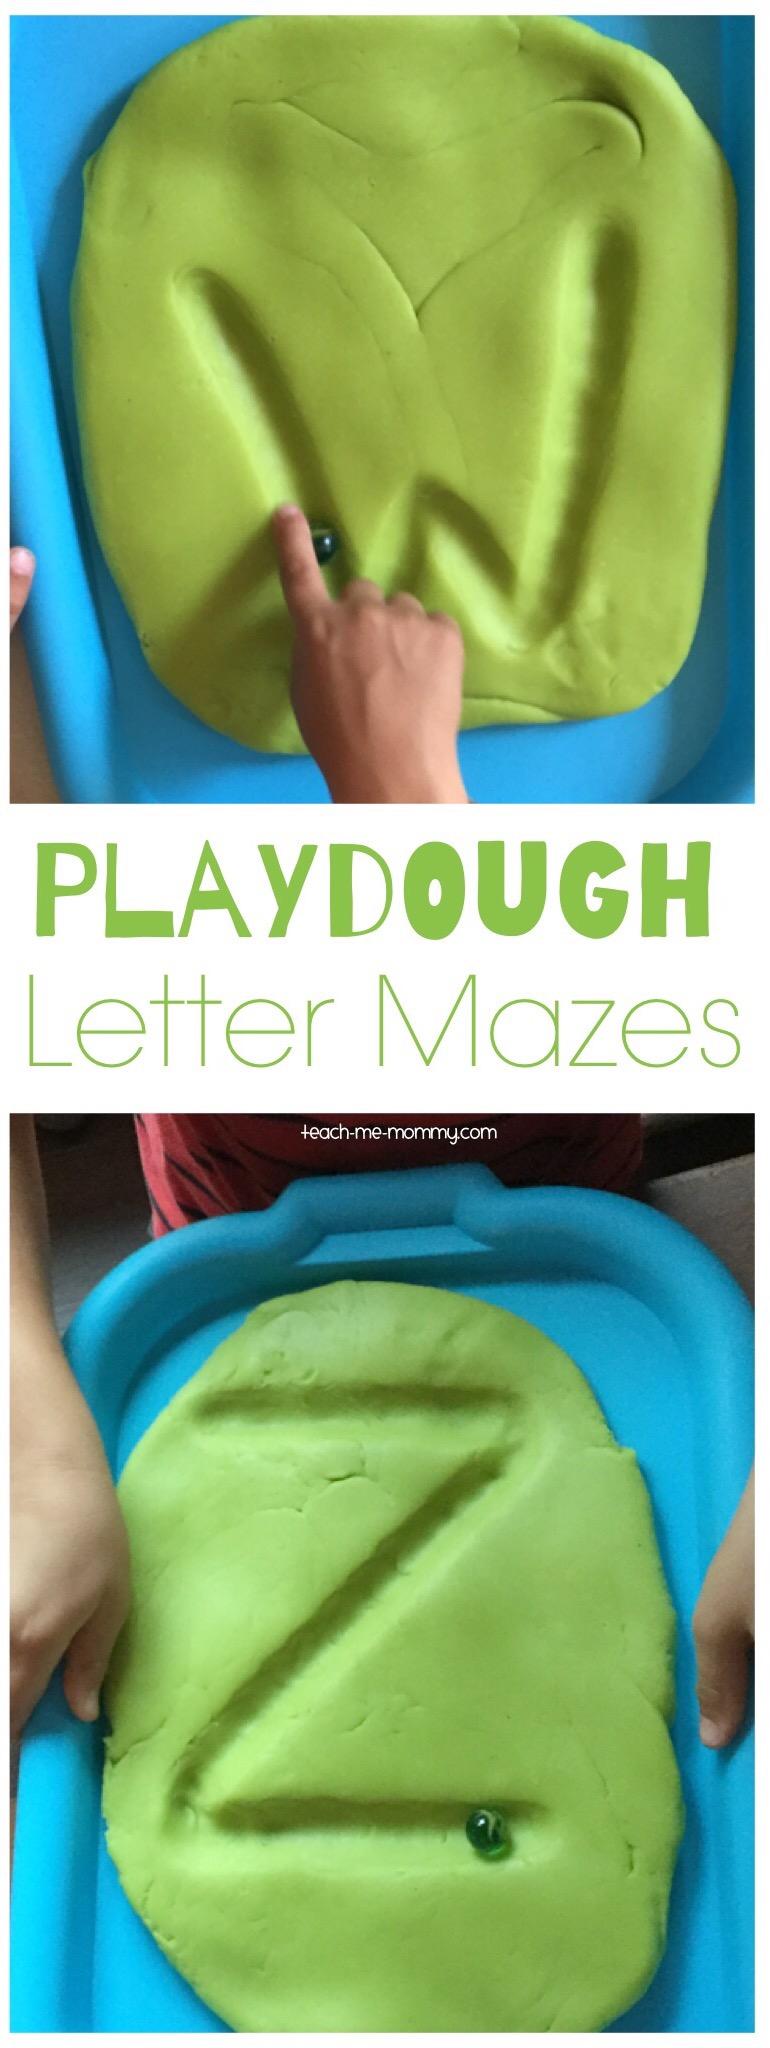 Playdough letter mazes